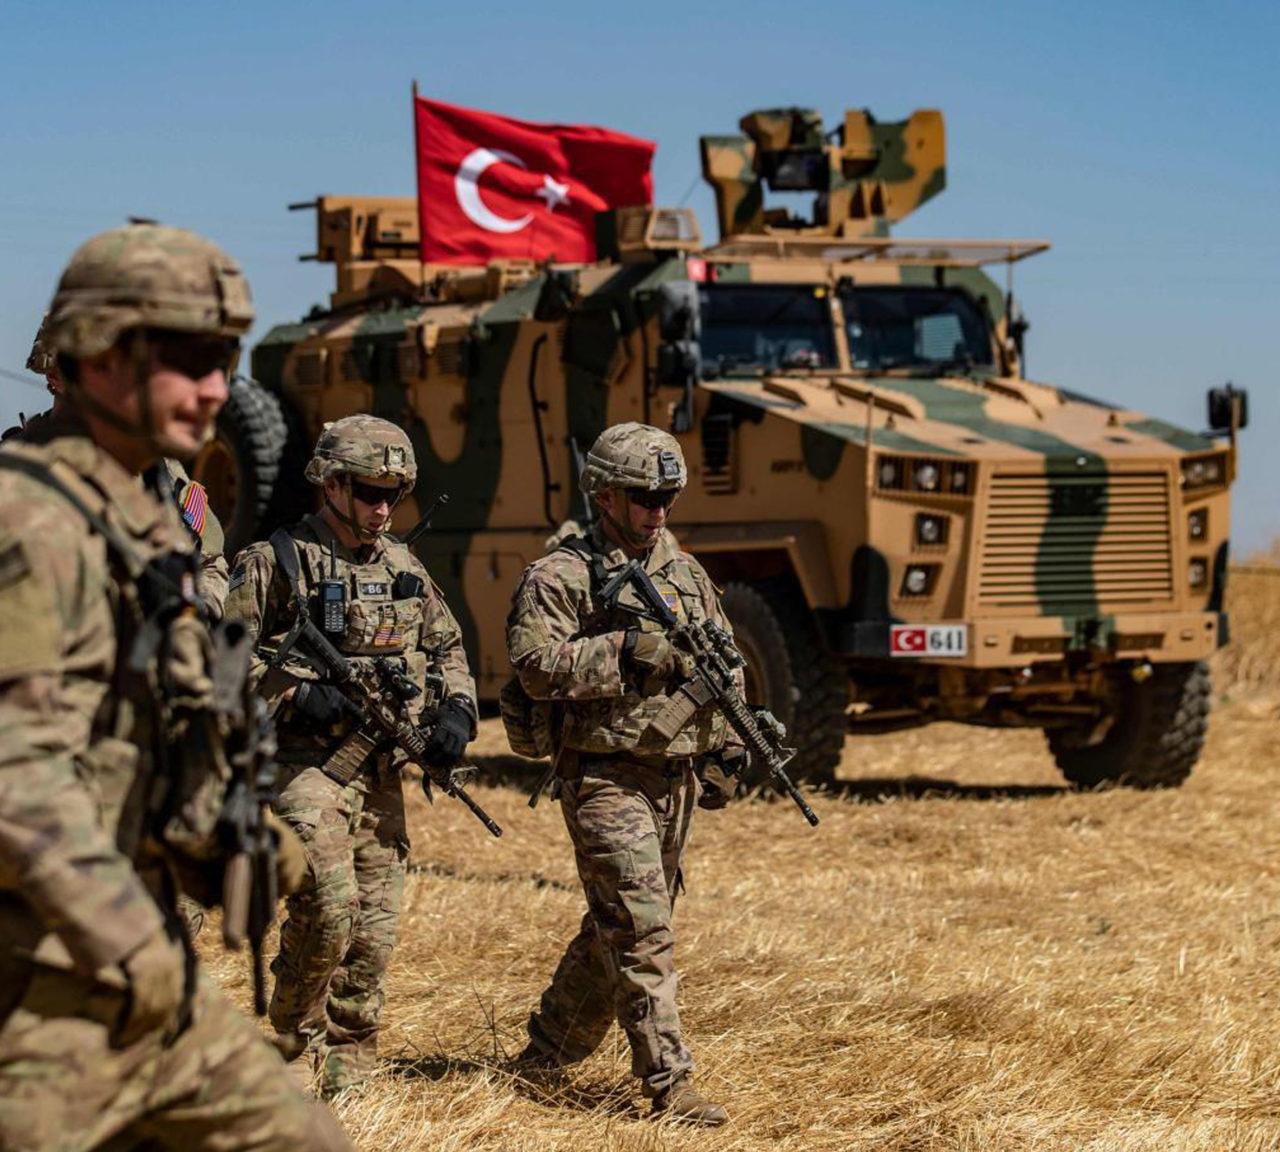 Barış Pınarı Harekâtıyla Suriye'de güvenli bölge oluşturulup iki milyon mülteciyi yerleştirmek planlandığı açıklandı.